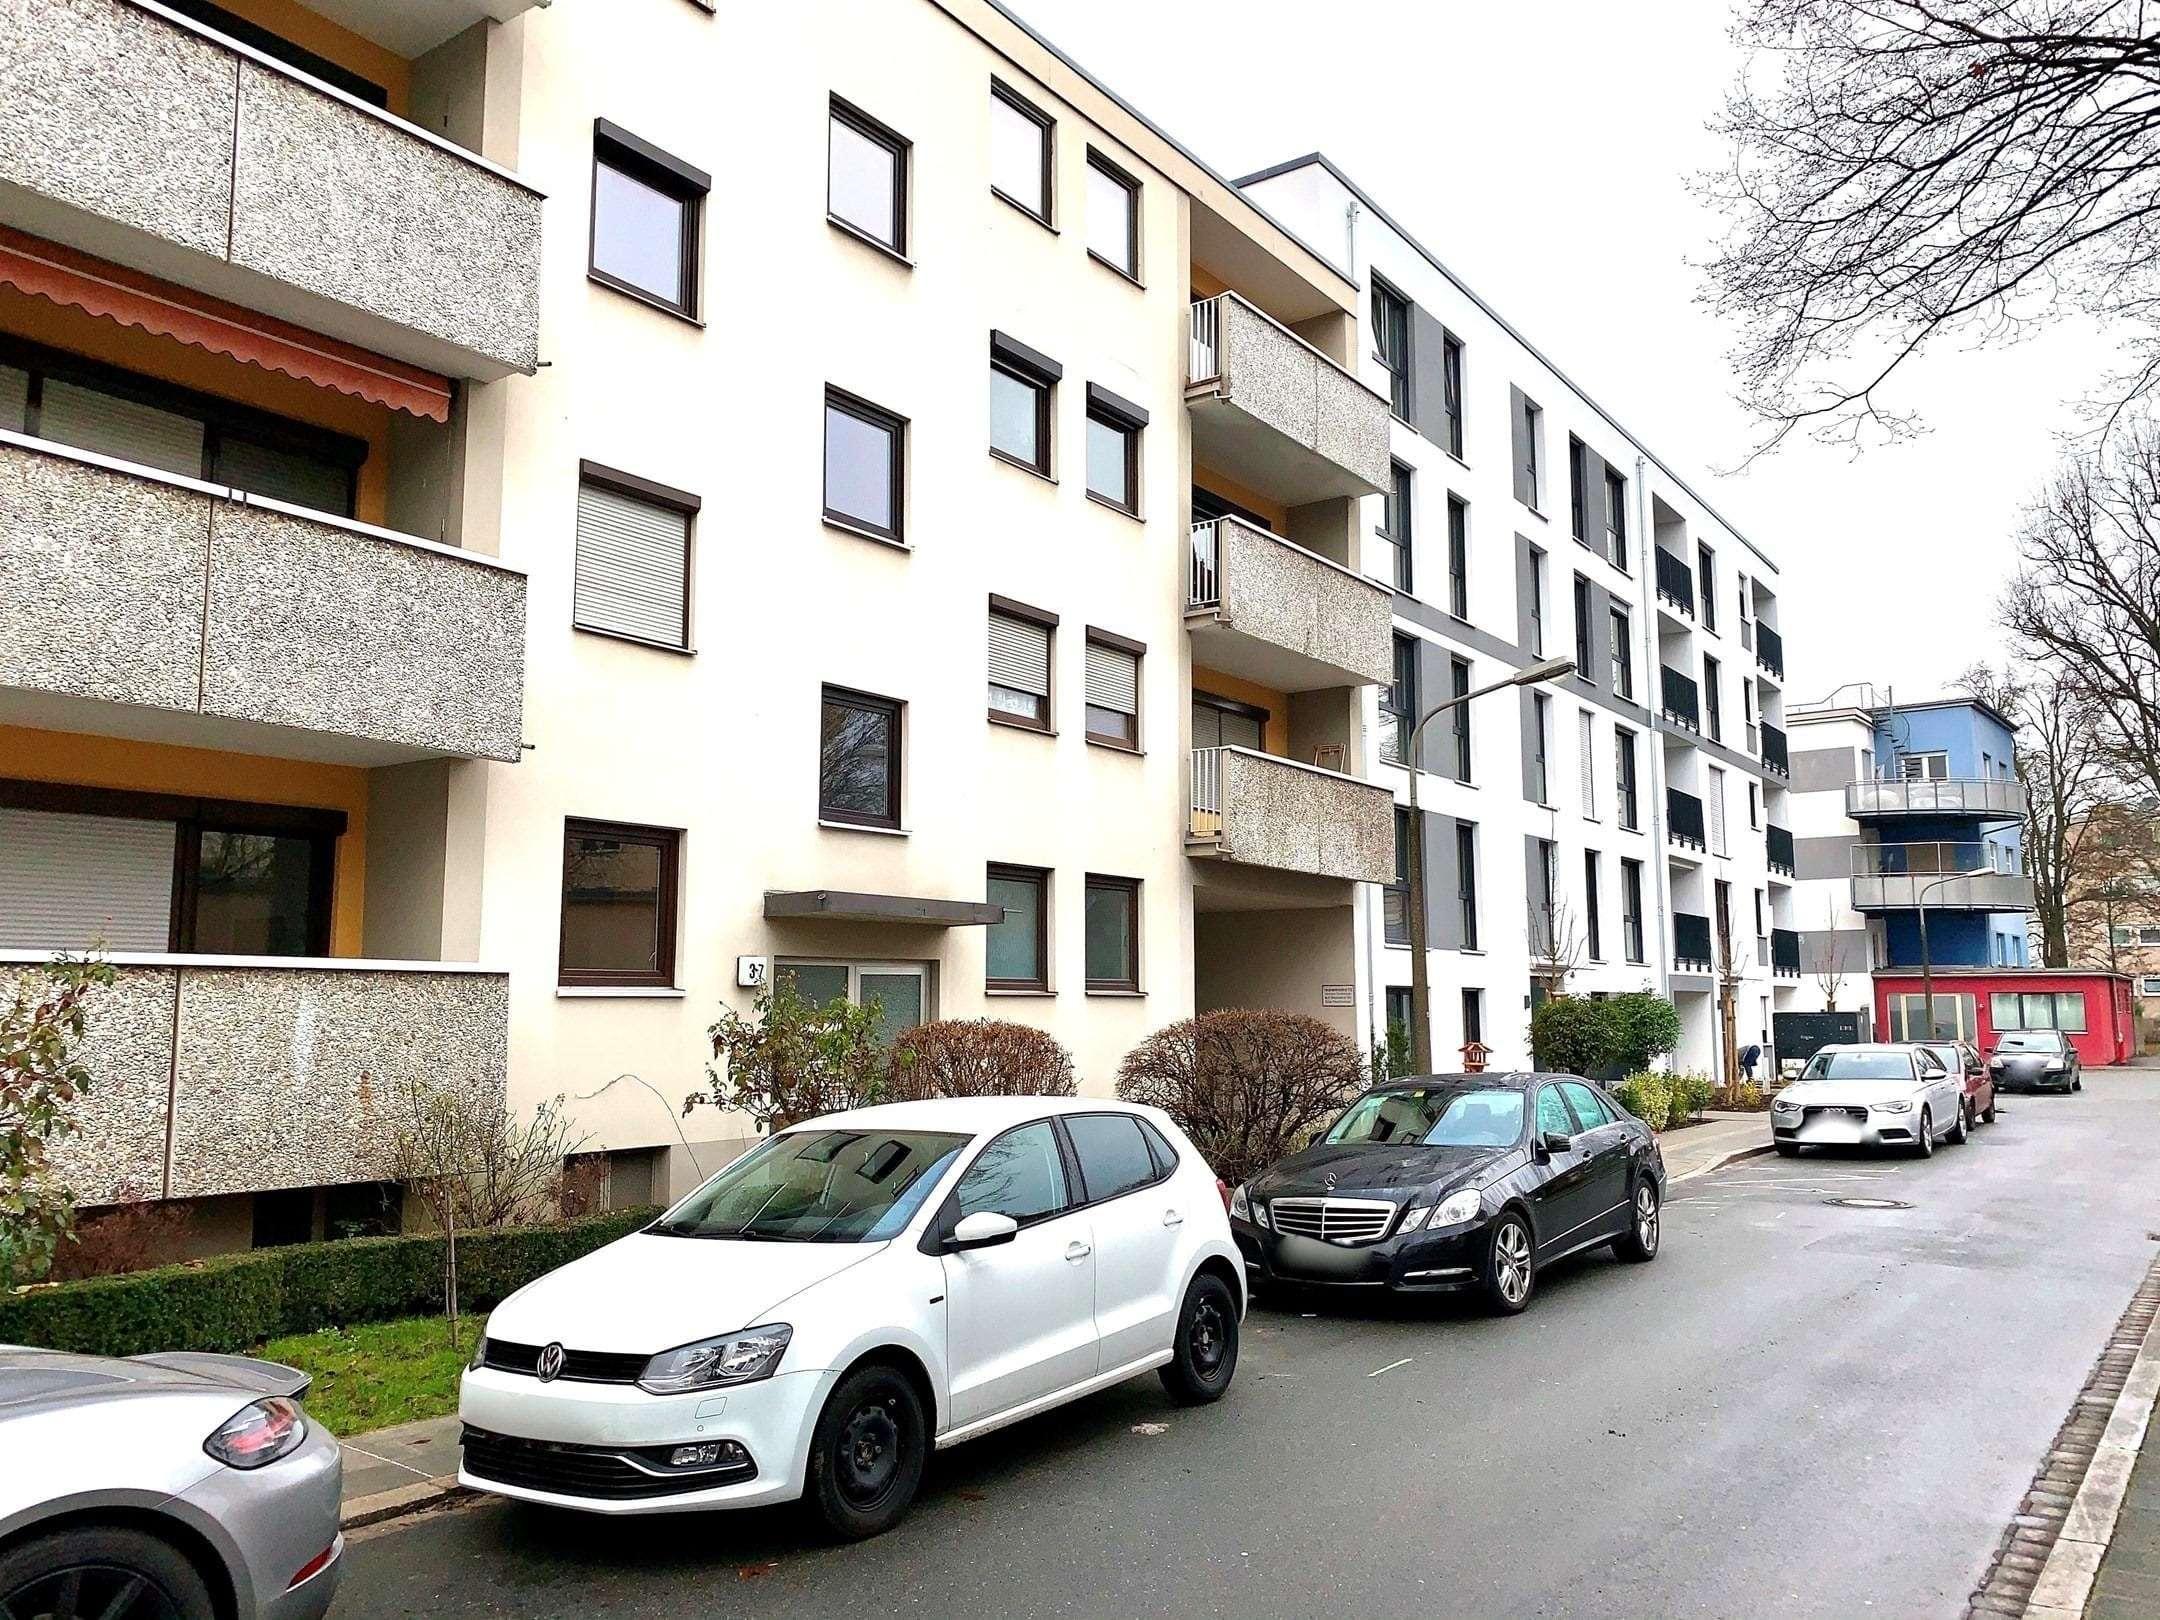 ... Eine Wohnung voller neuer Möglichkeiten ... so fühlt es sich an zu Wohnen ... don't dream it...  in